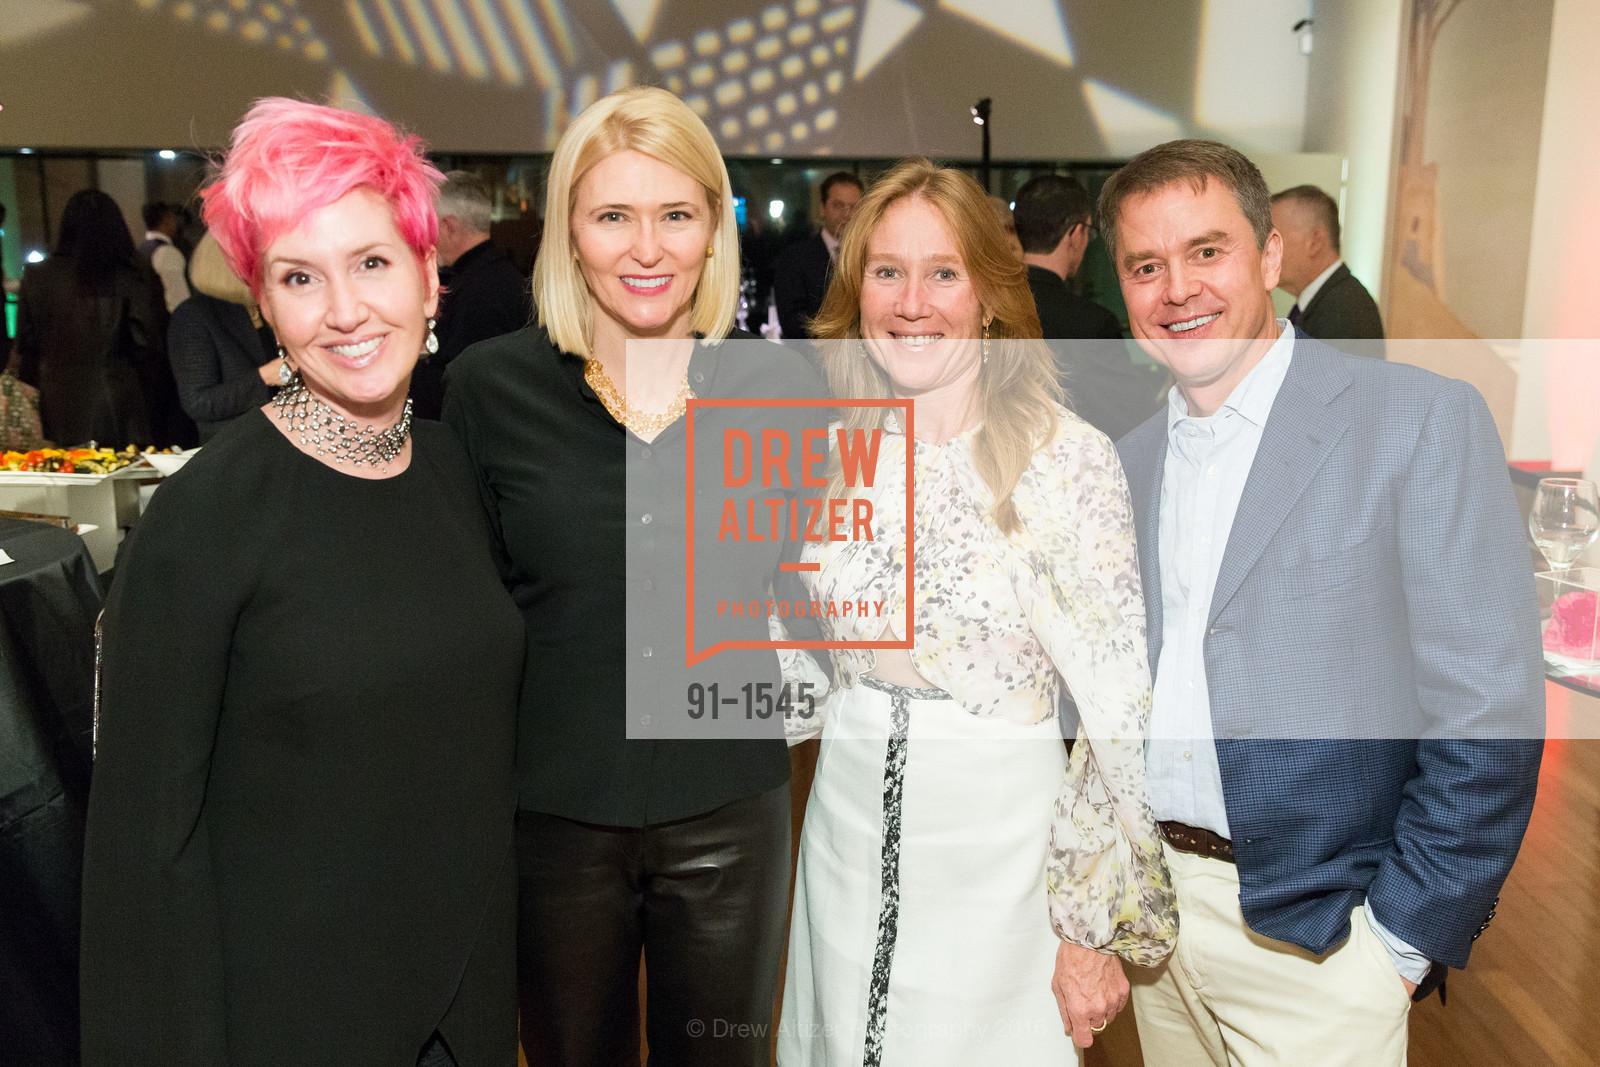 Lisa Sardegna, Lauren Hall, Heather Preston, Joseph Mallick, Photo #91-1545